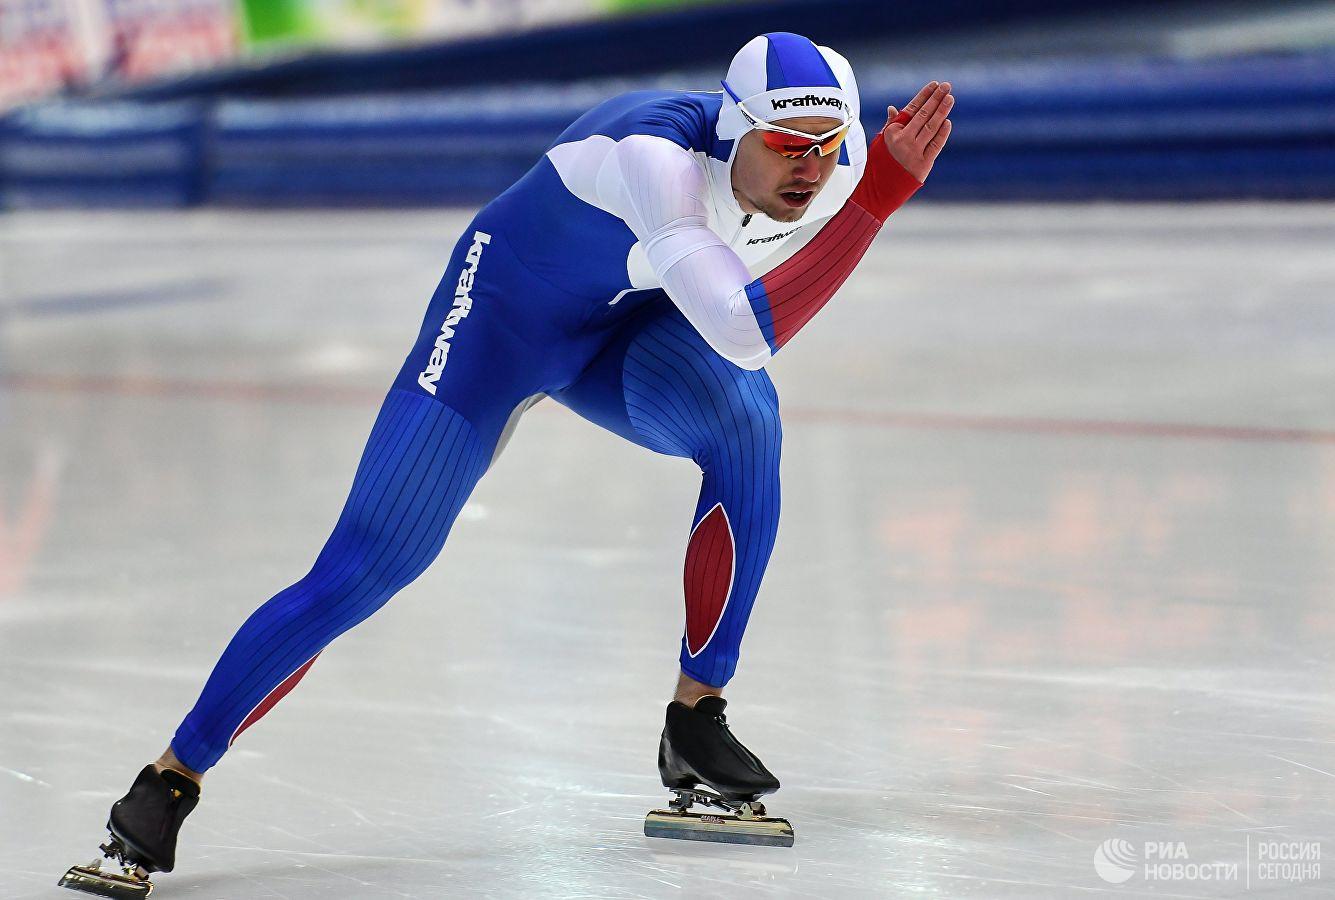 Конькобежец Павел Кулижников - первый в истории России трехкратный чемпион мира в спринте